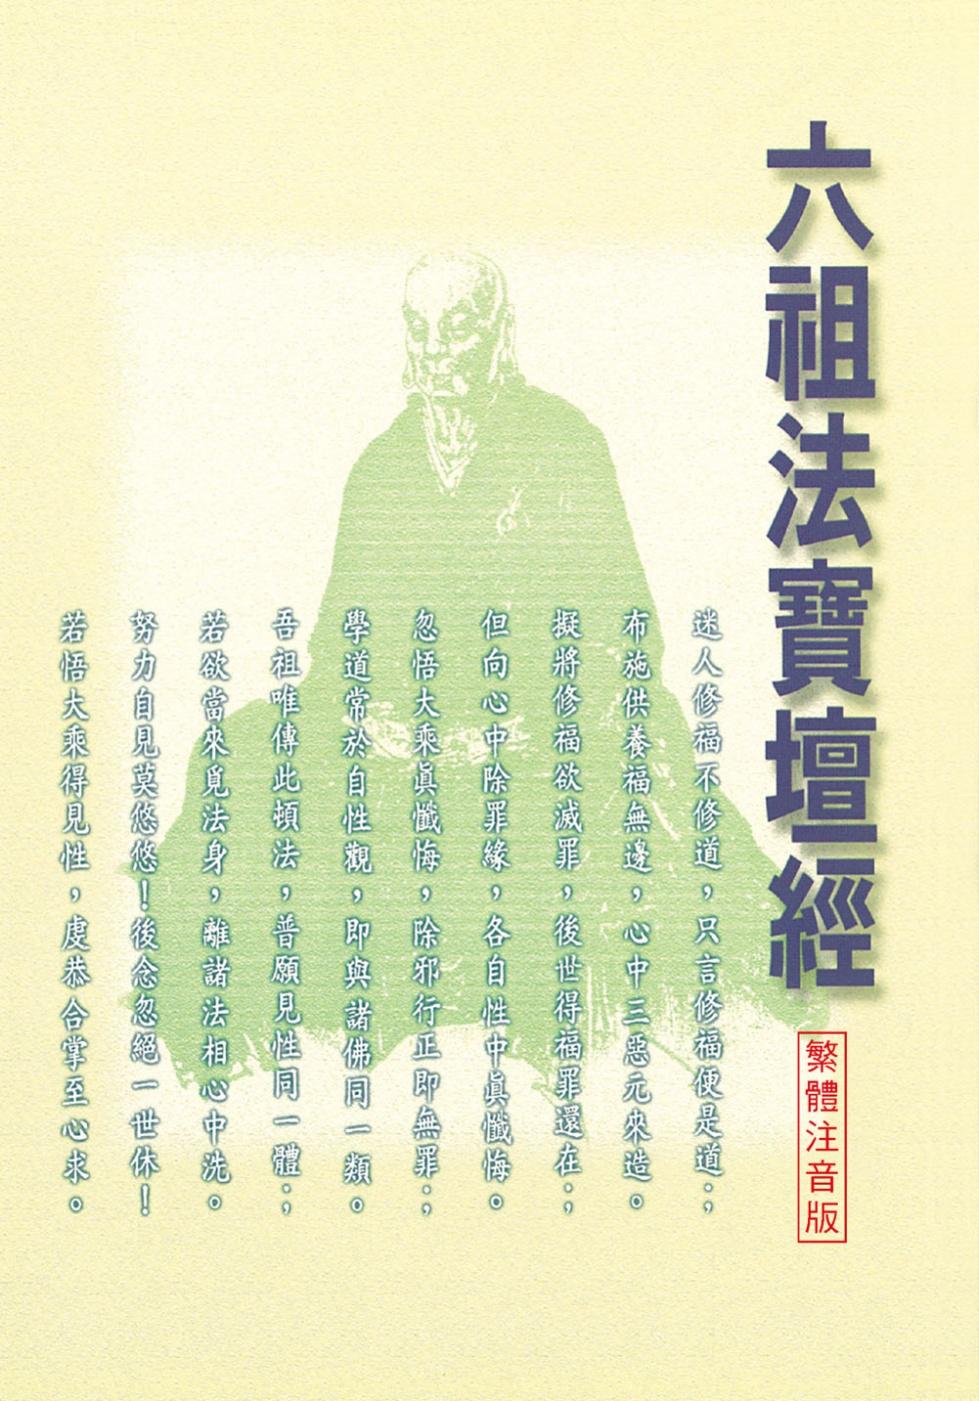 六祖法寶壇經(繁體注音版)(二版)